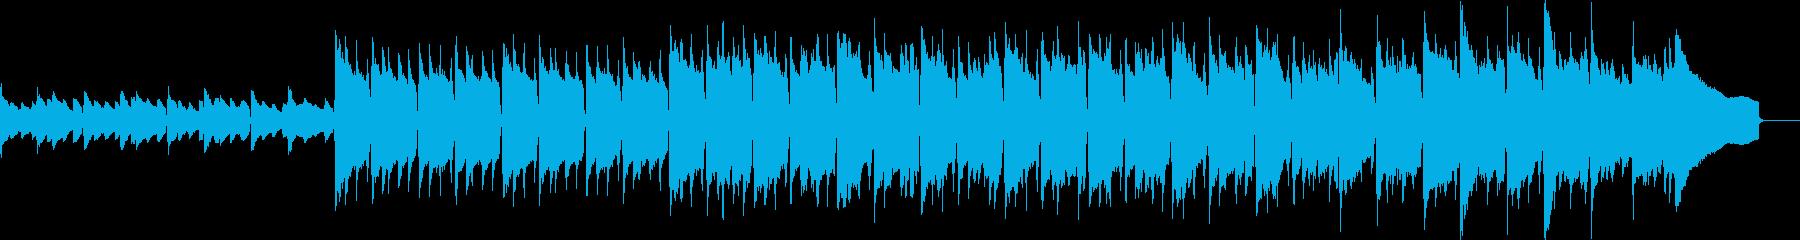 アコギとピアノの前向きなアコースティックの再生済みの波形